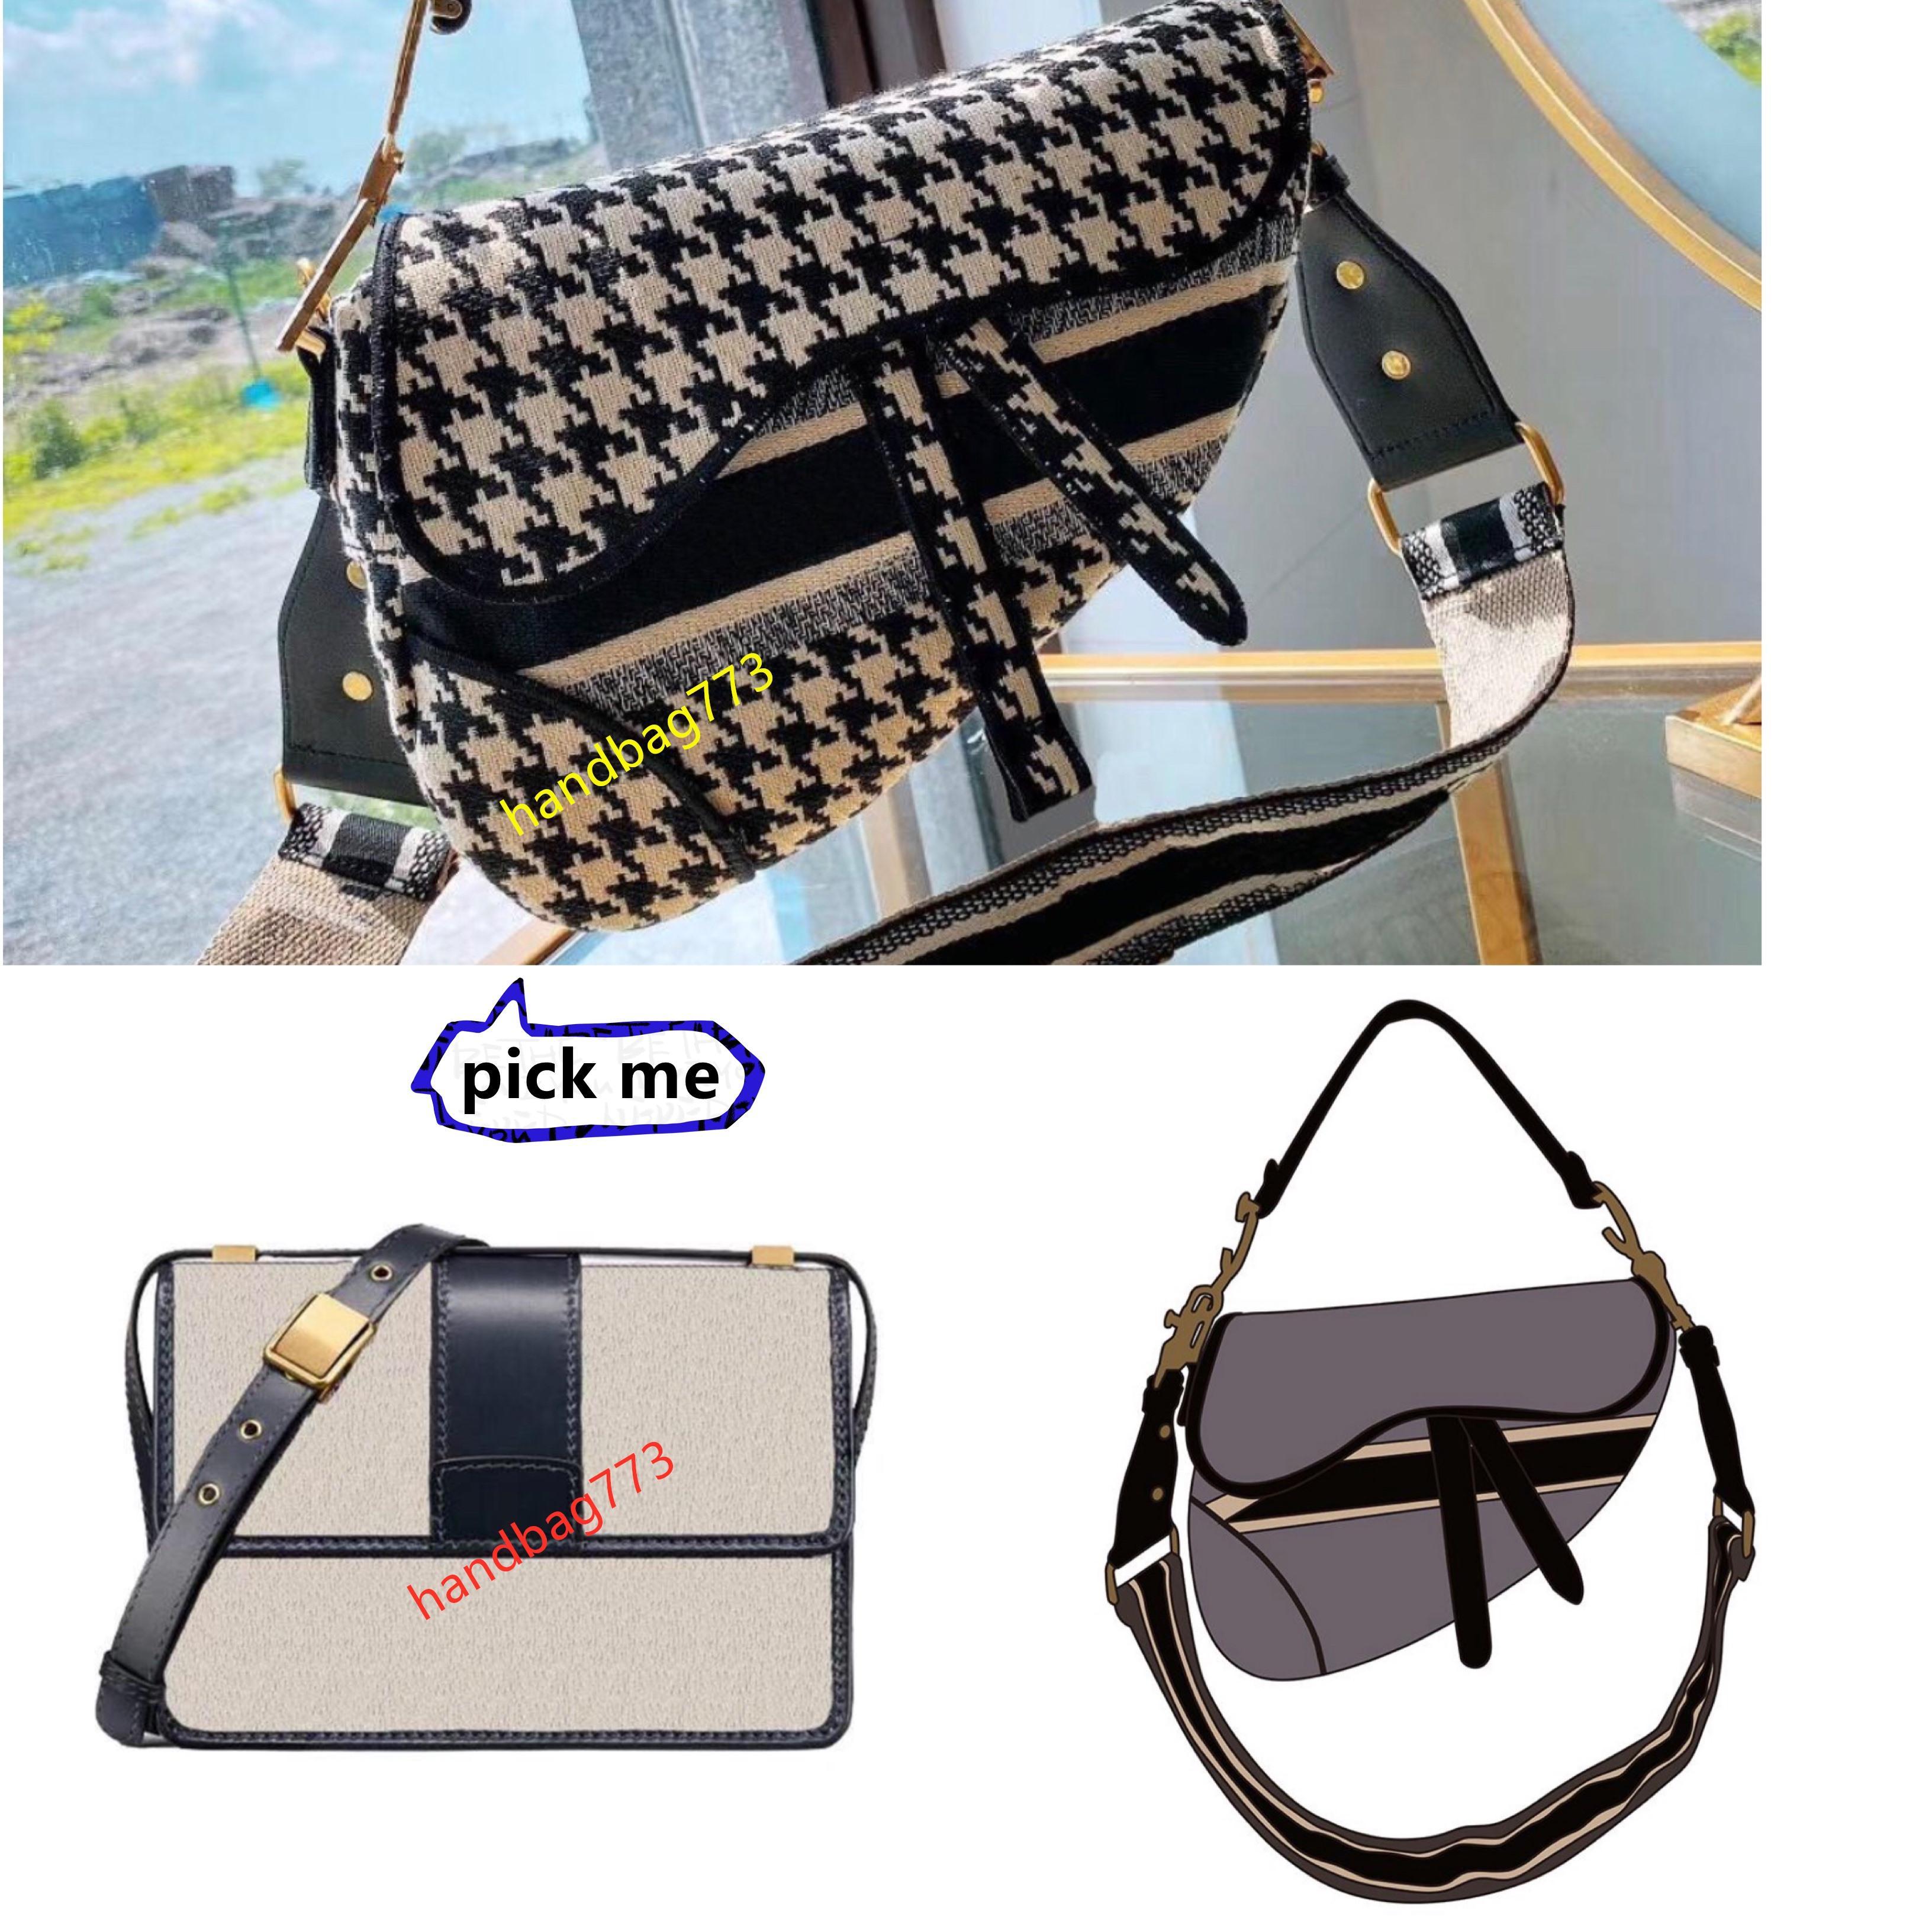 Nuevo diseño de moda clásico bordado bolsa de silla de montar para mujeres lujos diseñadores bolsas de cuero lentes bolsa de hombro cruzado bandolera de alta calidad